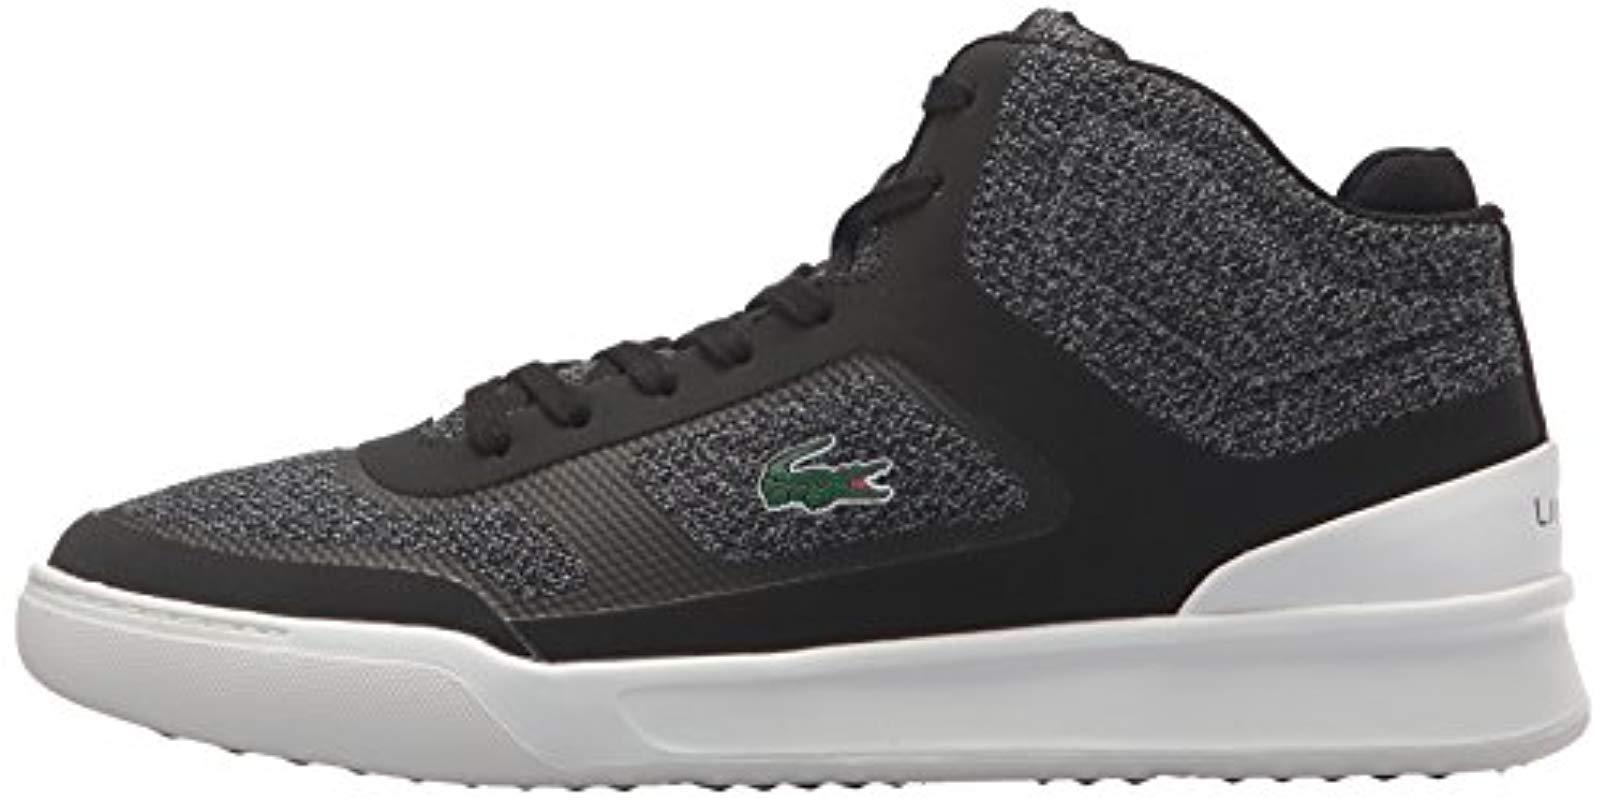 najlepiej sprzedający się o rozsądnej cenie największa zniżka Explorateur Spt Mid 317 2 Sneaker